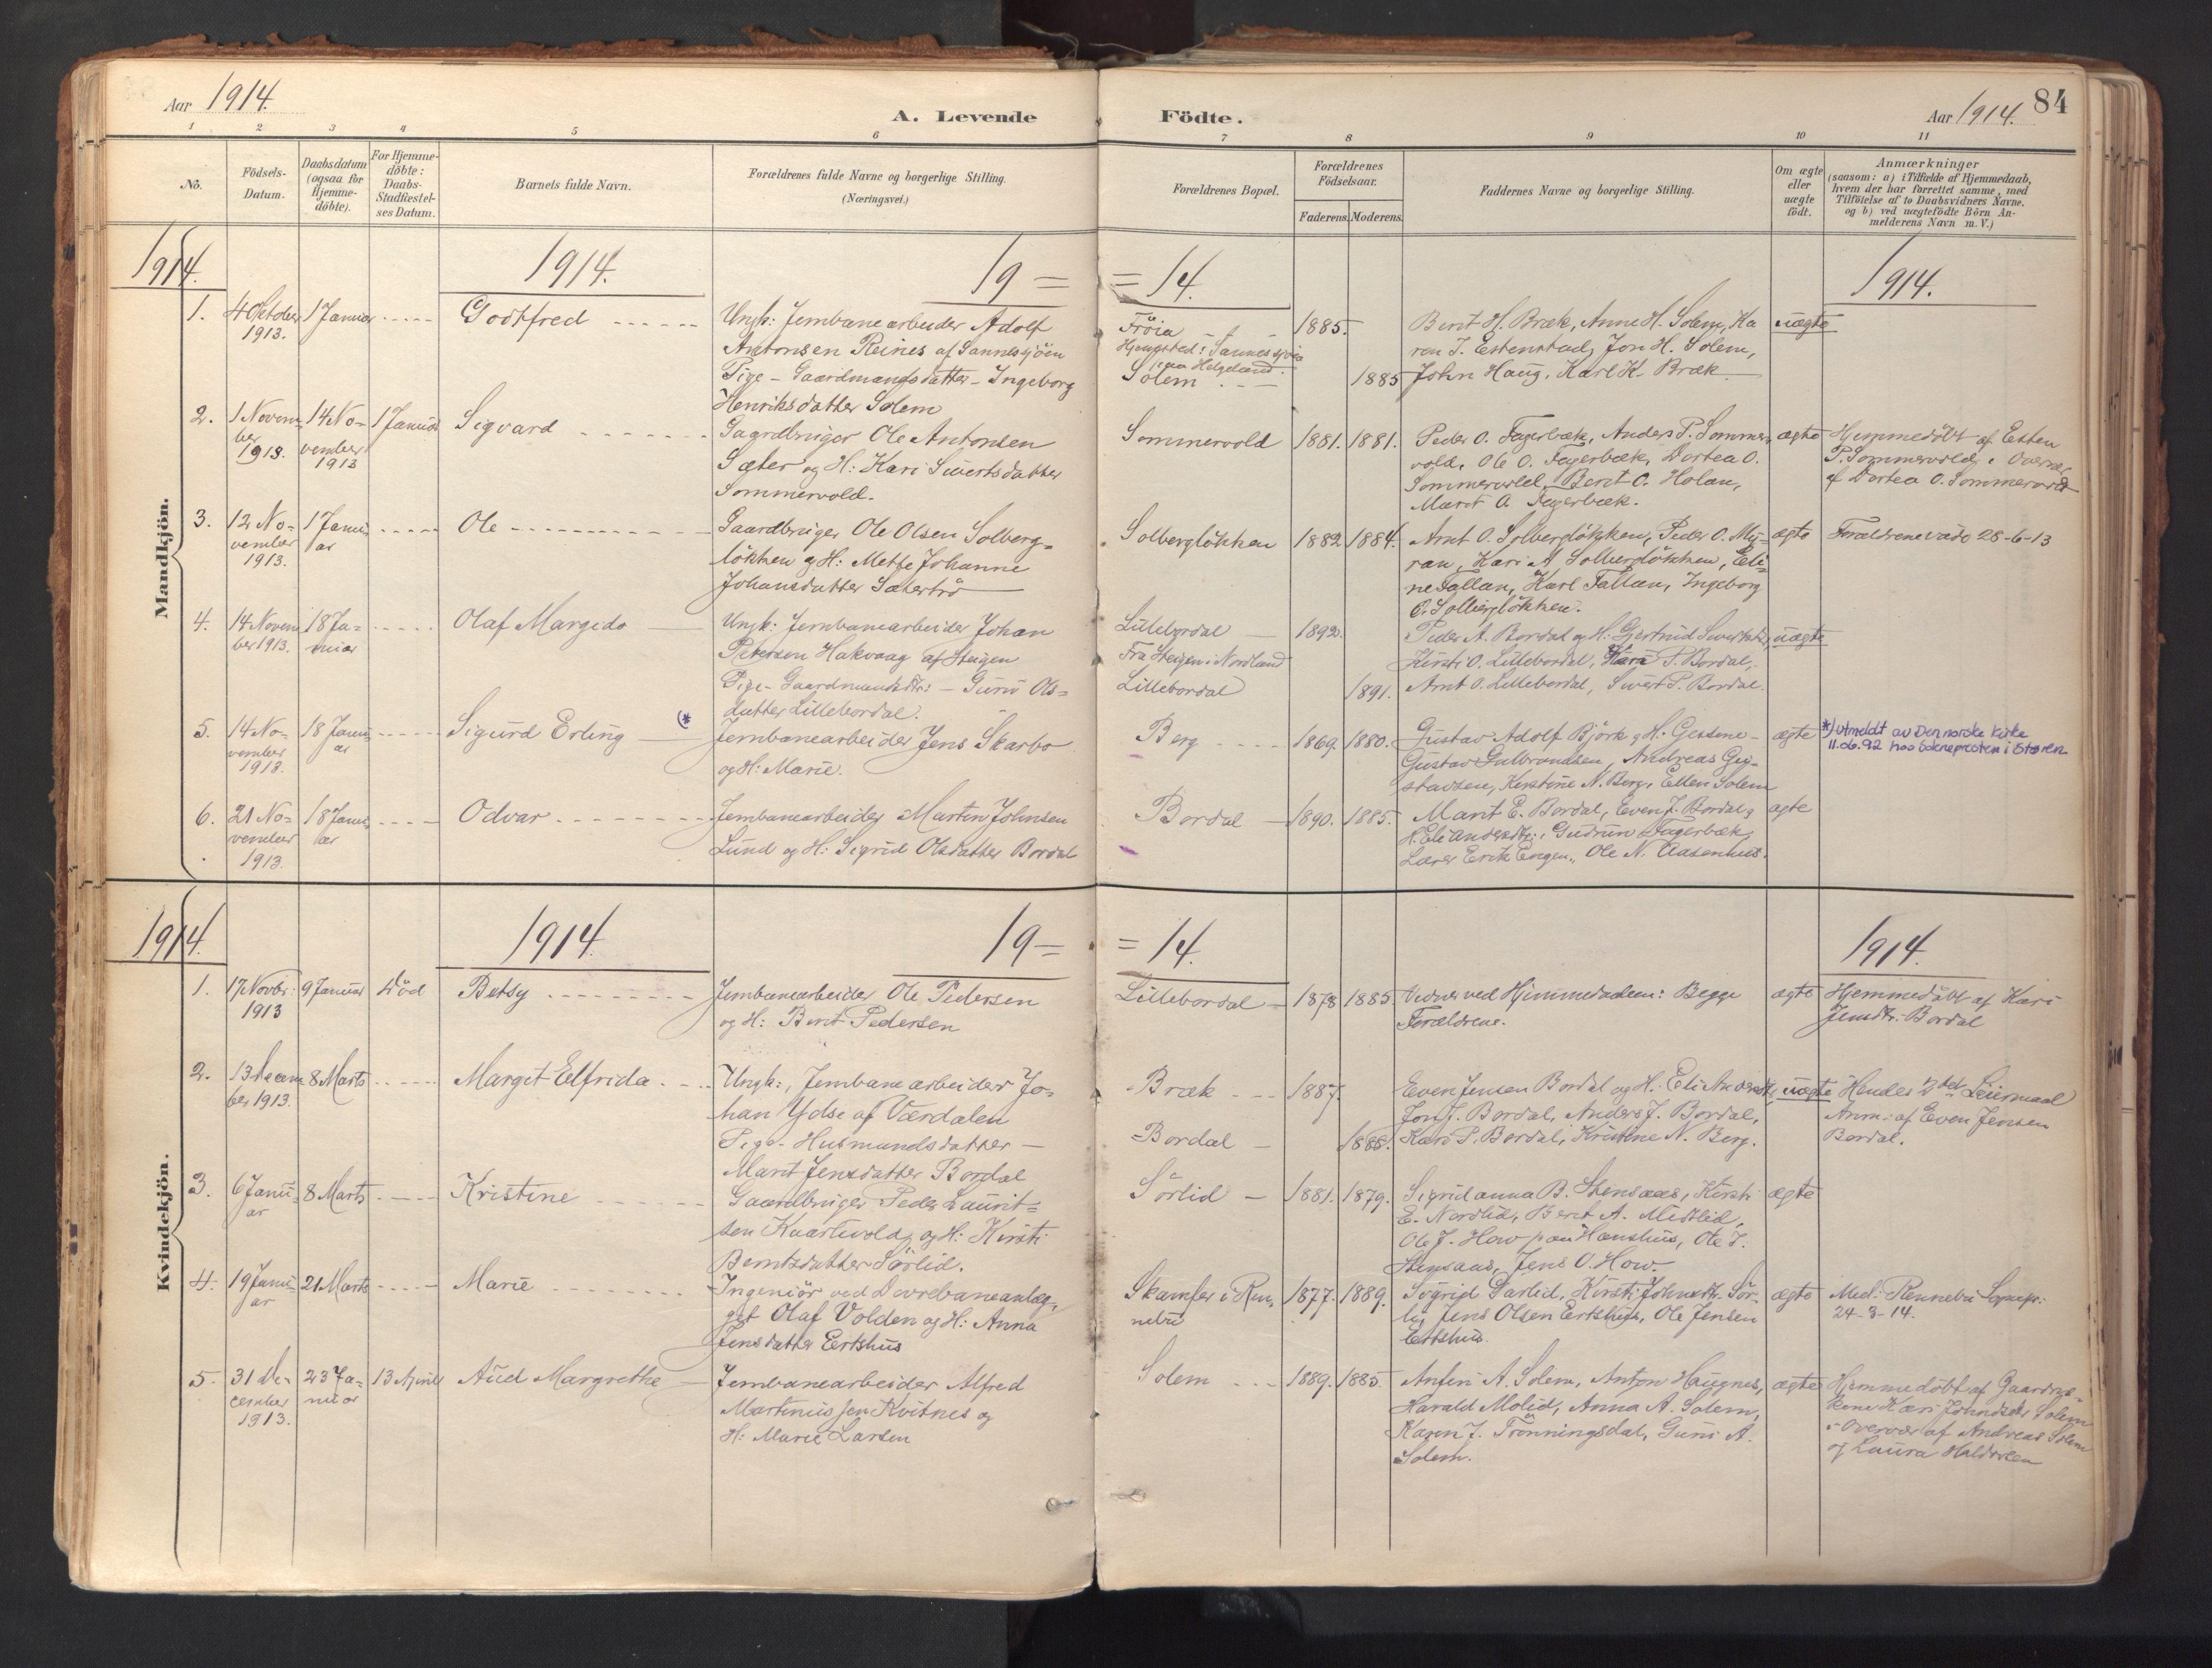 SAT, Ministerialprotokoller, klokkerbøker og fødselsregistre - Sør-Trøndelag, 689/L1041: Ministerialbok nr. 689A06, 1891-1923, s. 84